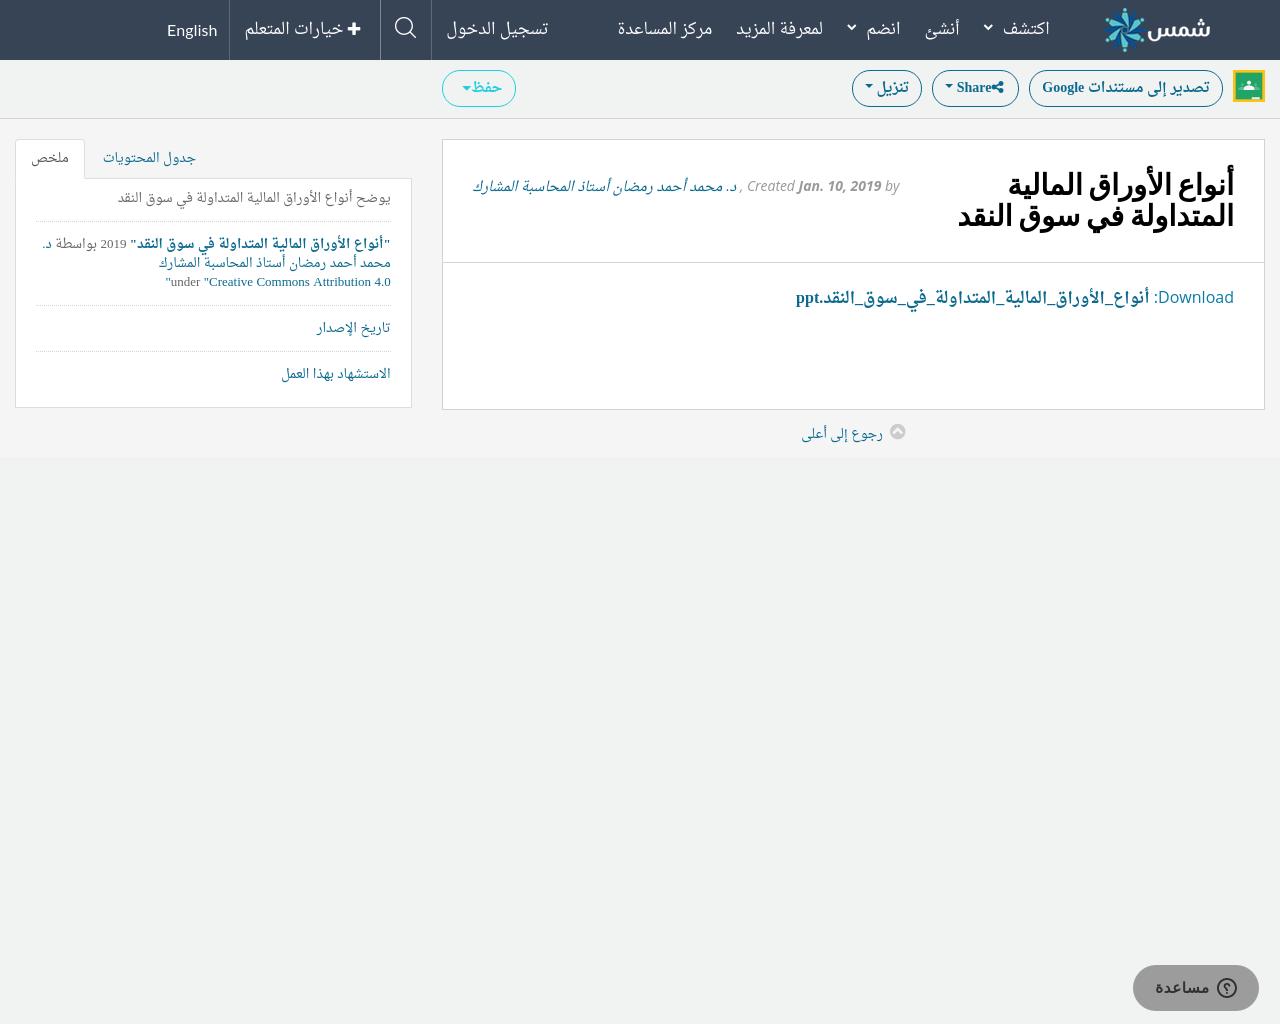 أنواع الأوراق المالية المتداولة في سوق النقد Shms Saudi Oer Network